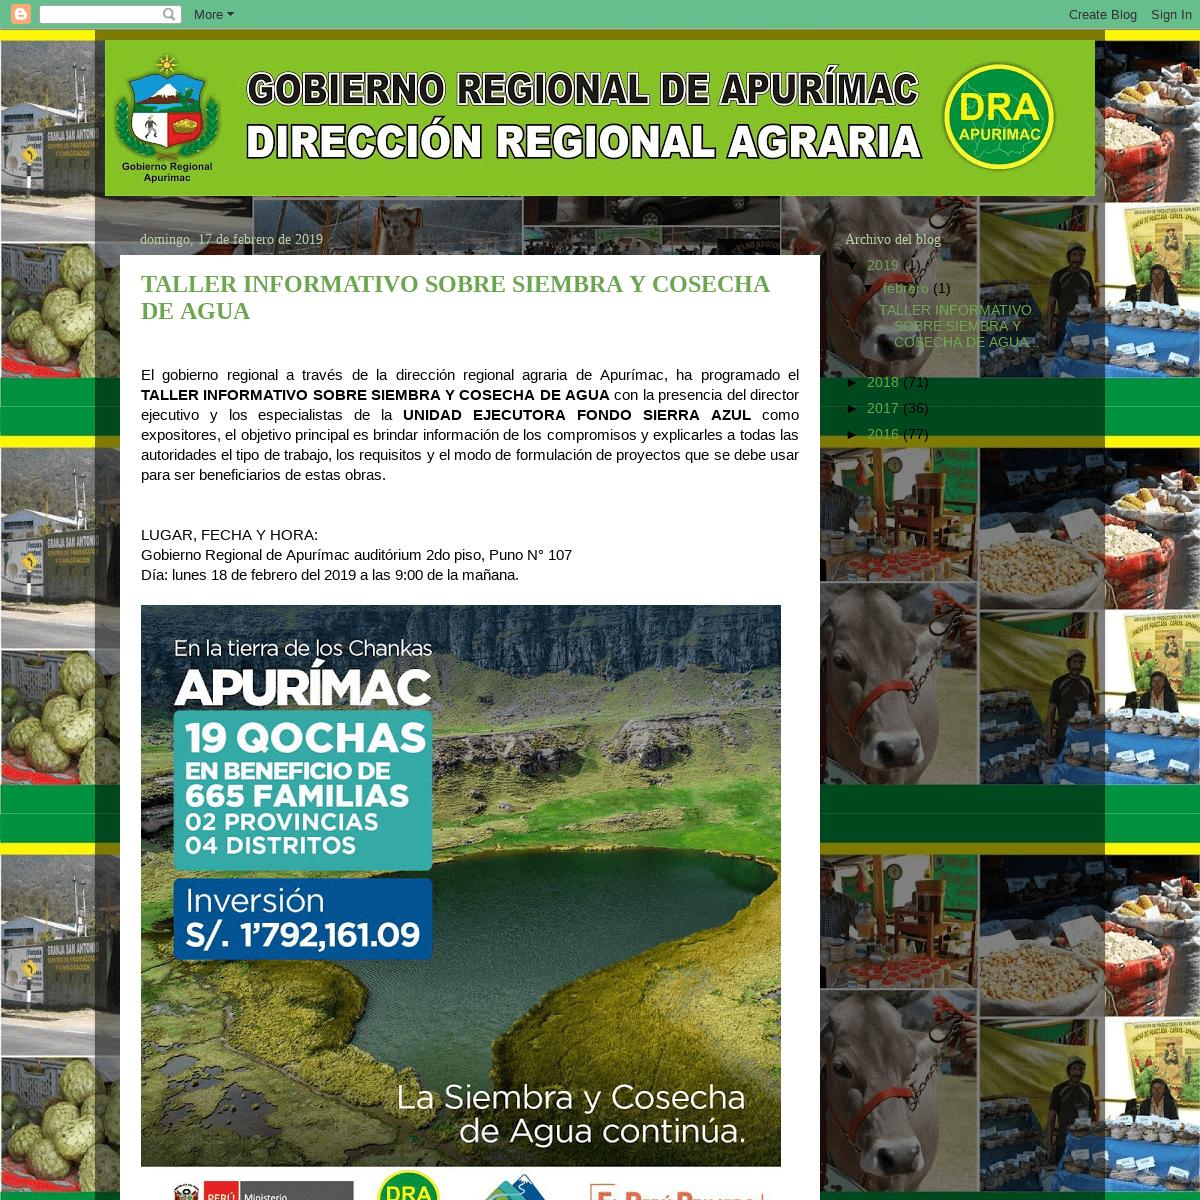 DIRECCIÓN REGIONAL AGRARIA DE APURÍMAC 2017